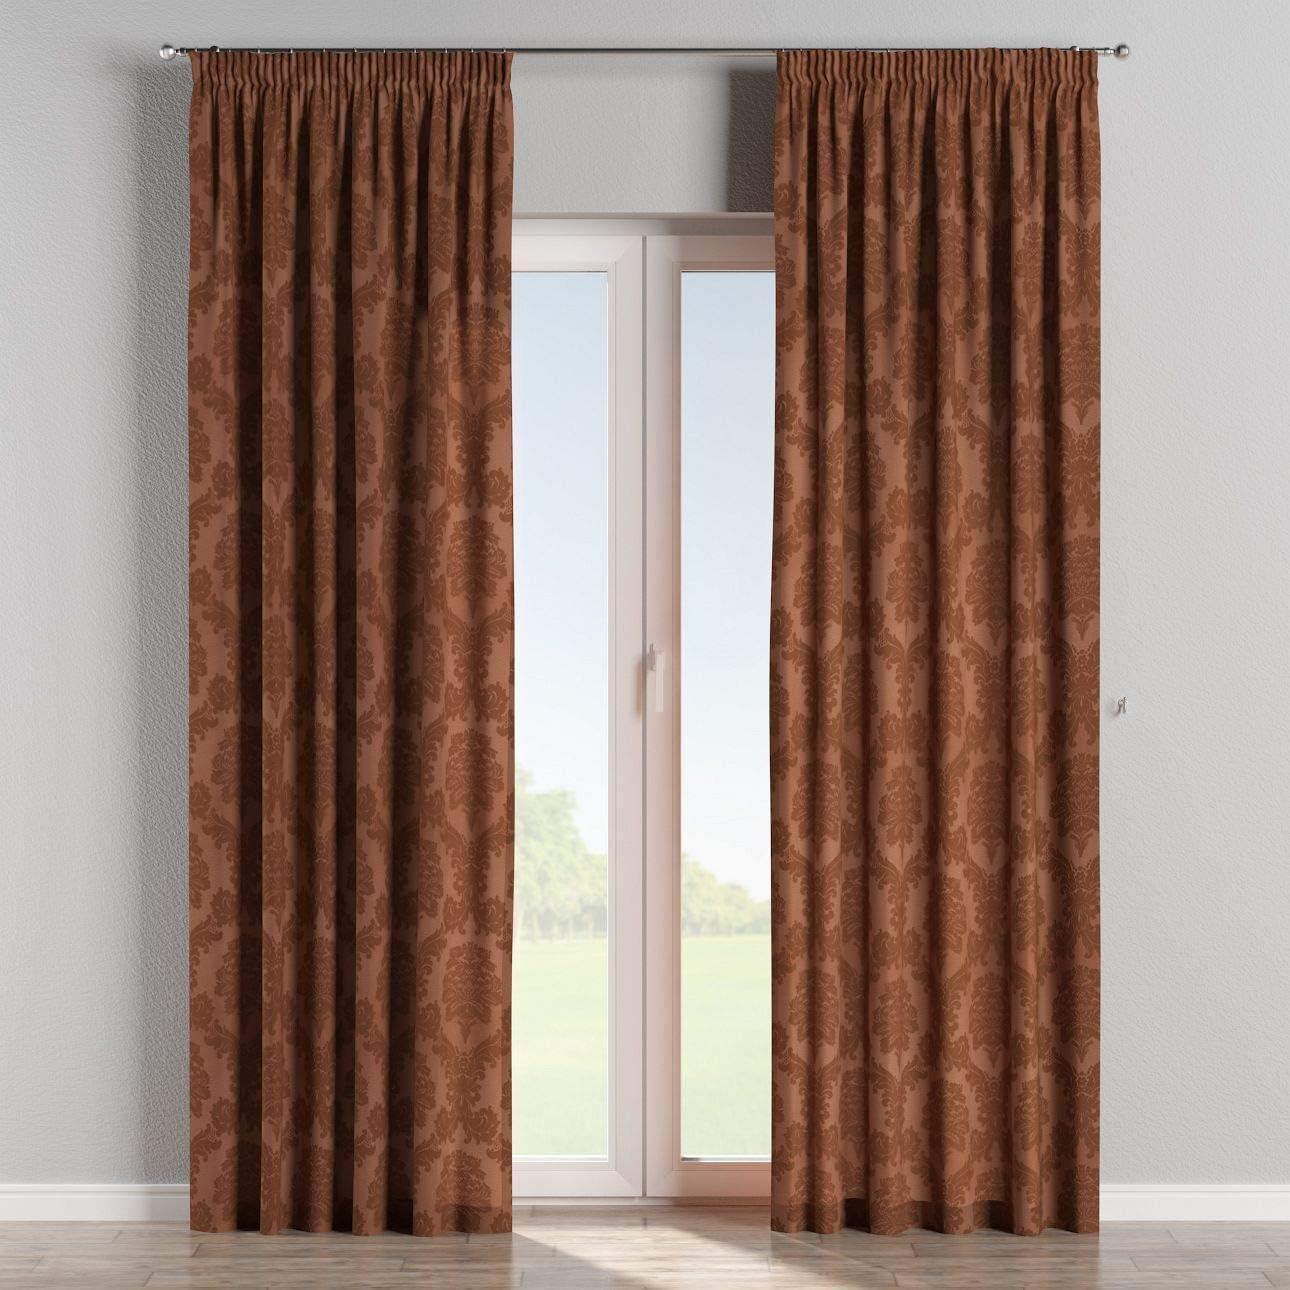 Dekoria Vorhang mit Kr/äuselband Dekoschal Blickdicht 130 /× 260 cm kakao Ma/ßanfertigung m/öglich